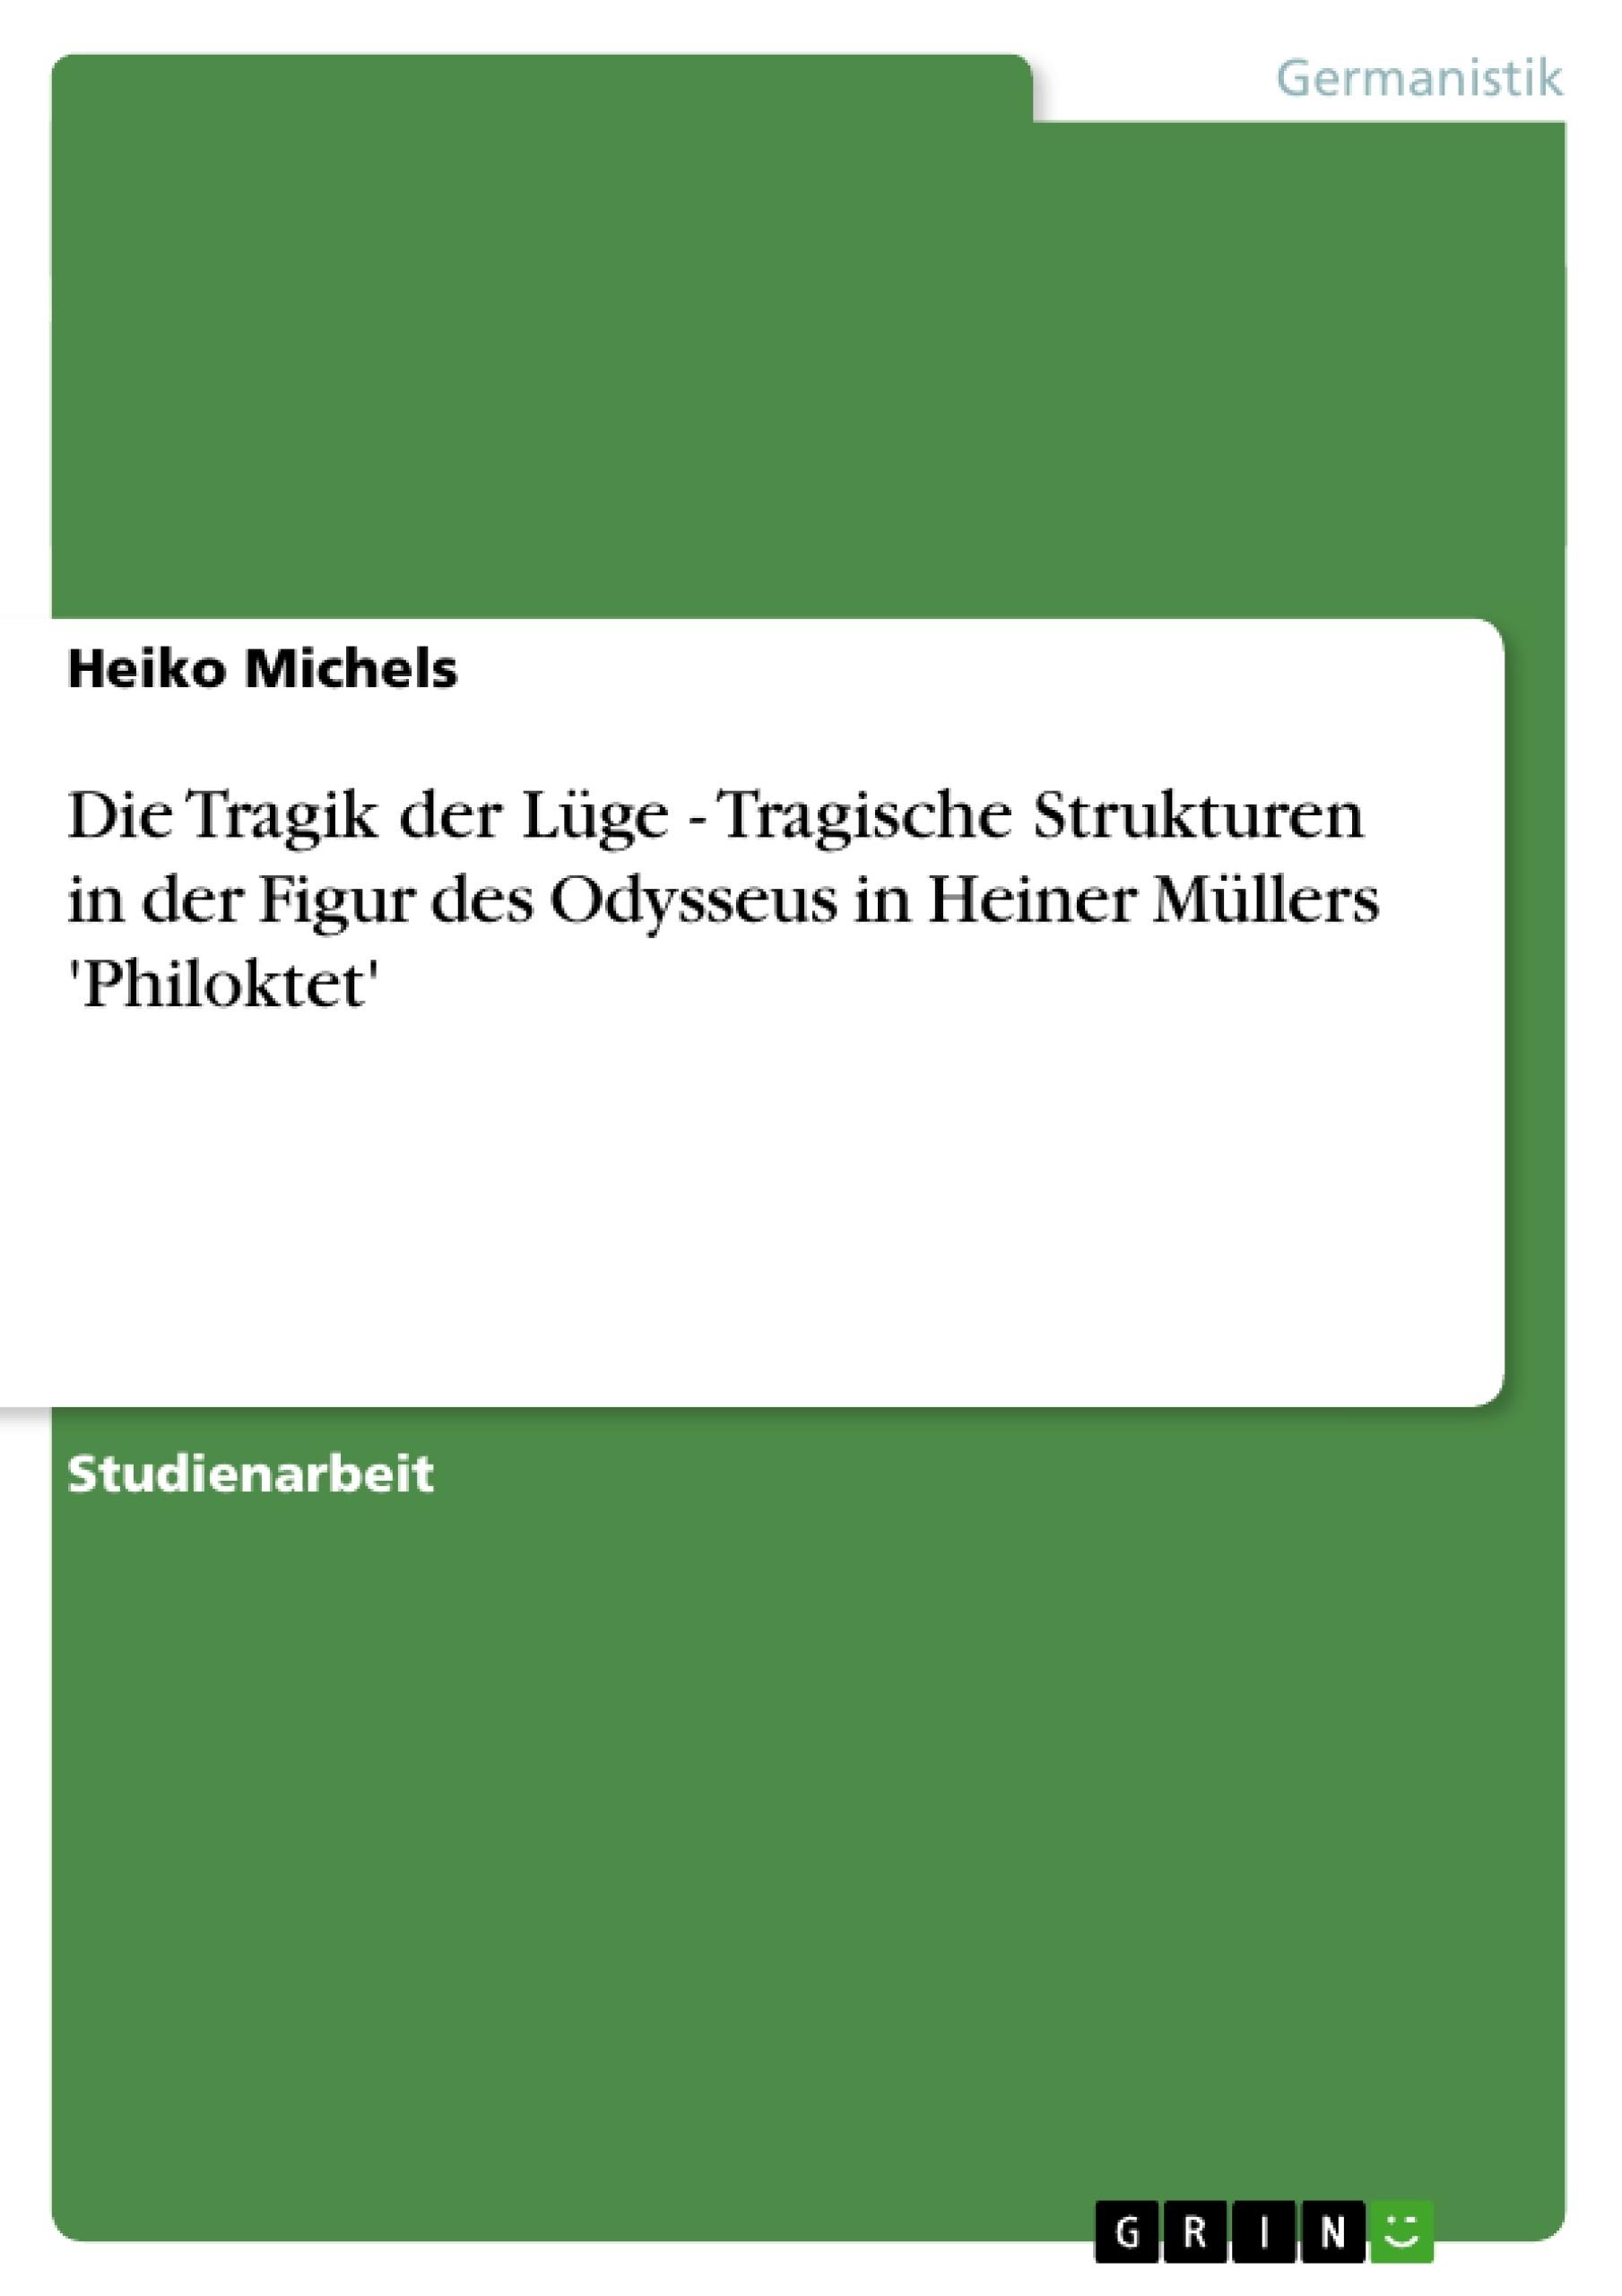 Titel: Die Tragik der Lüge - Tragische Strukturen in der Figur des Odysseus in Heiner Müllers 'Philoktet'